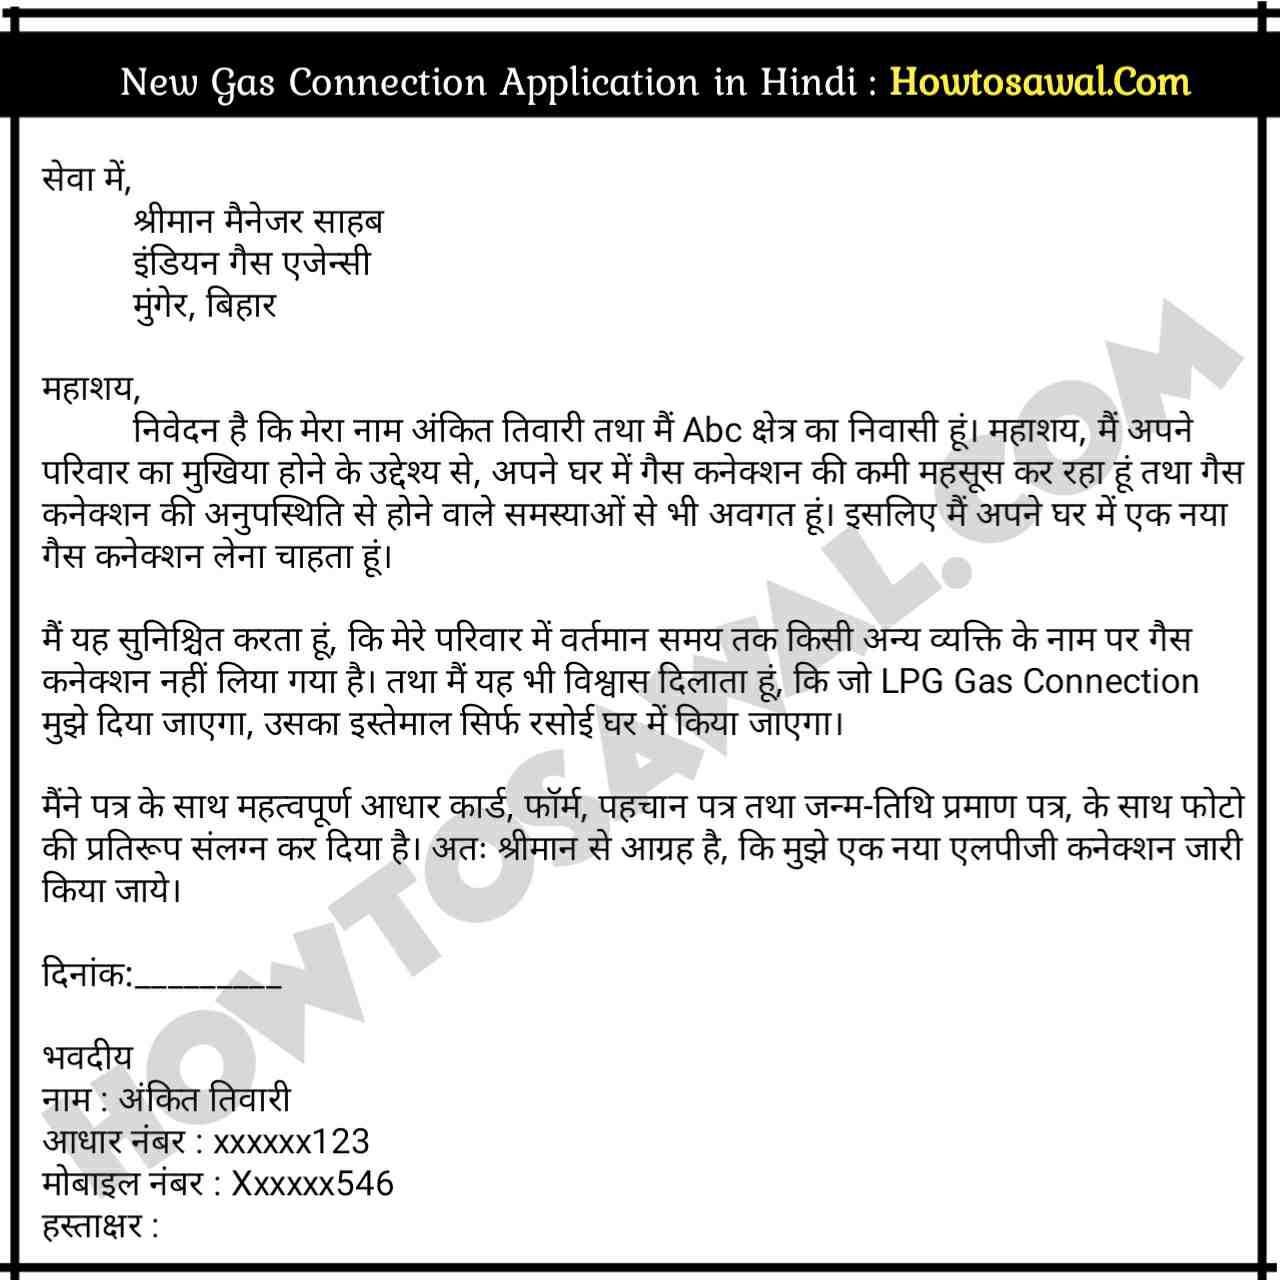 new gas connection ke liye application in Hindi howtosawal.com